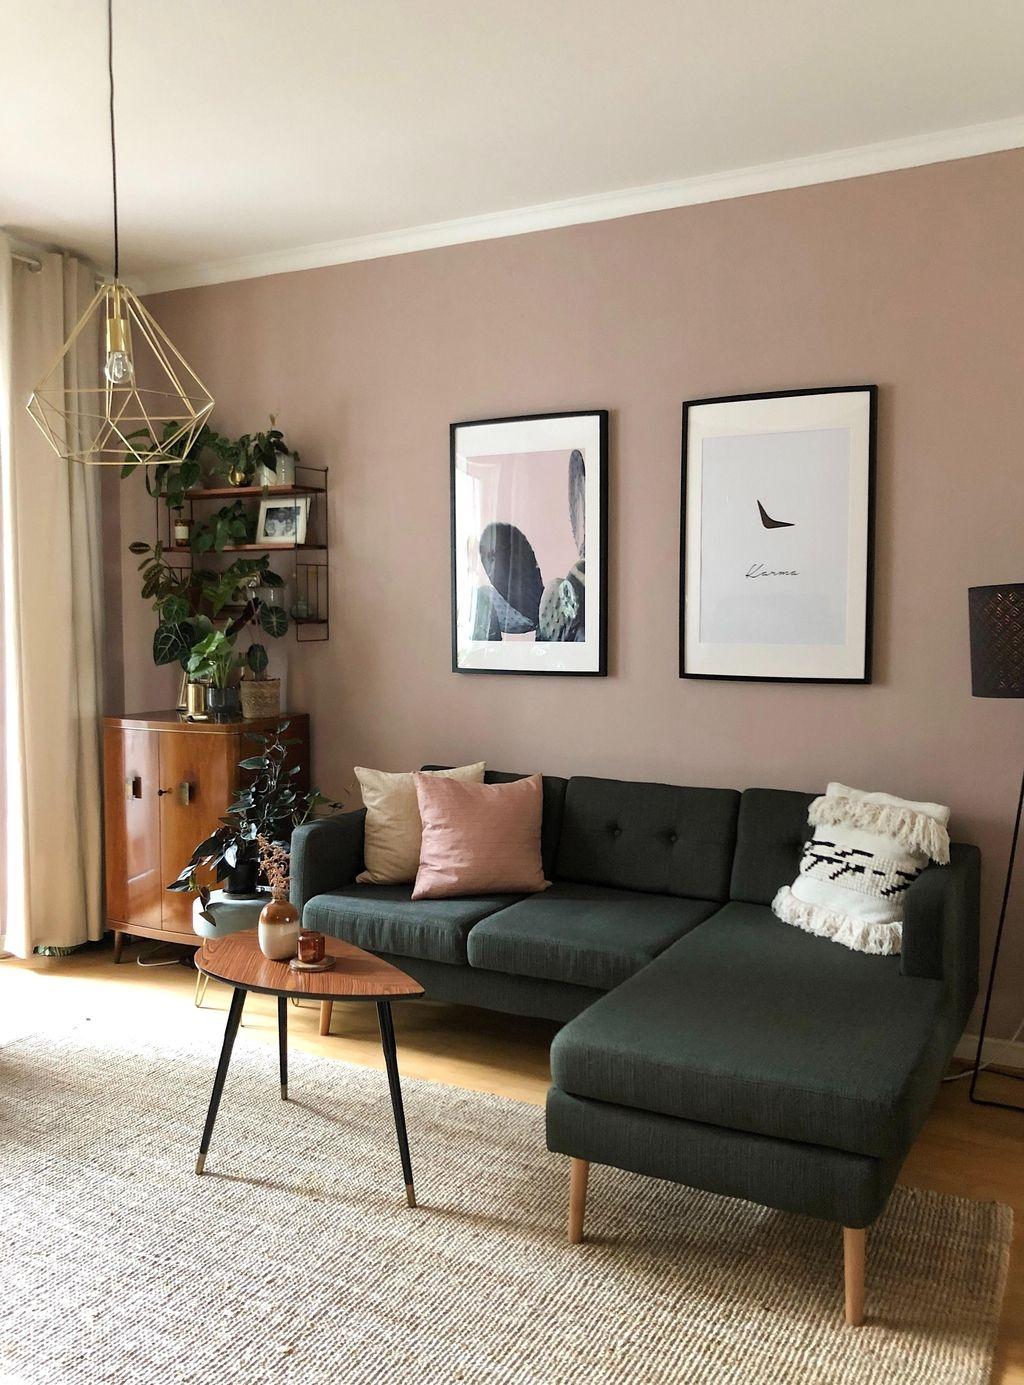 Den Sonntag auf dem Sofa ausklingen lassen. #livin…